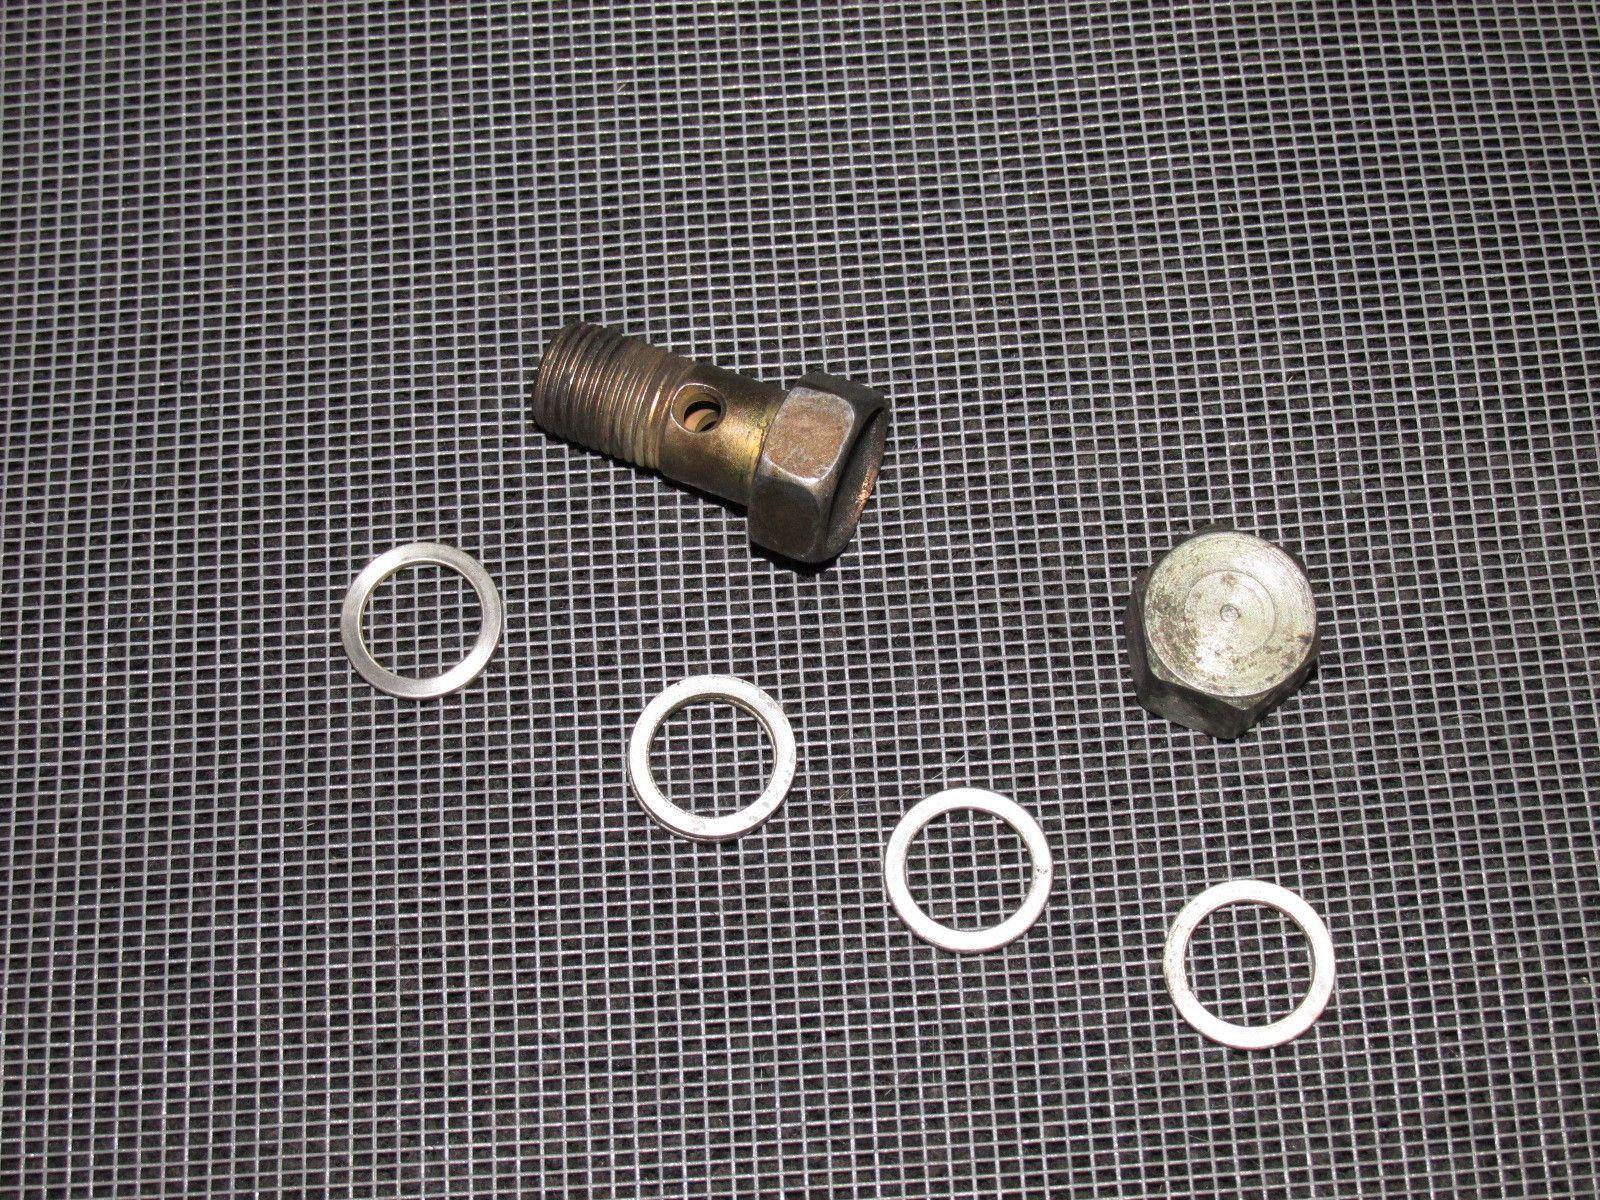 medium resolution of 96 97 98 99 00 honda civic oem fuel filter line banjo bolt